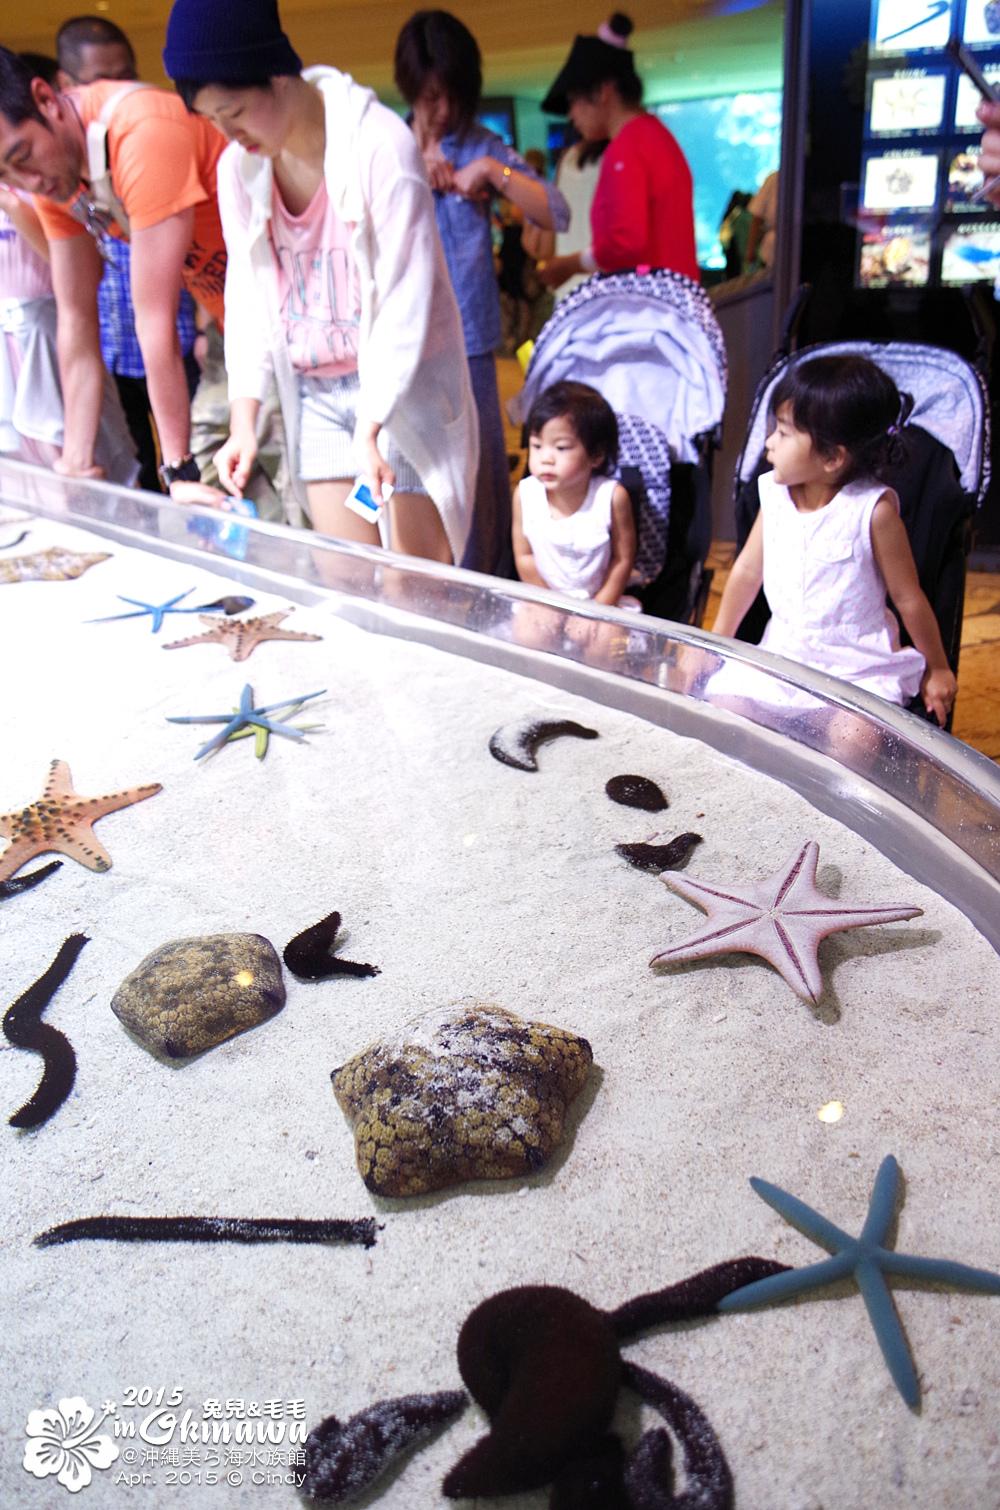 2015-0405-沖縄美ら海水族館-08.jpg